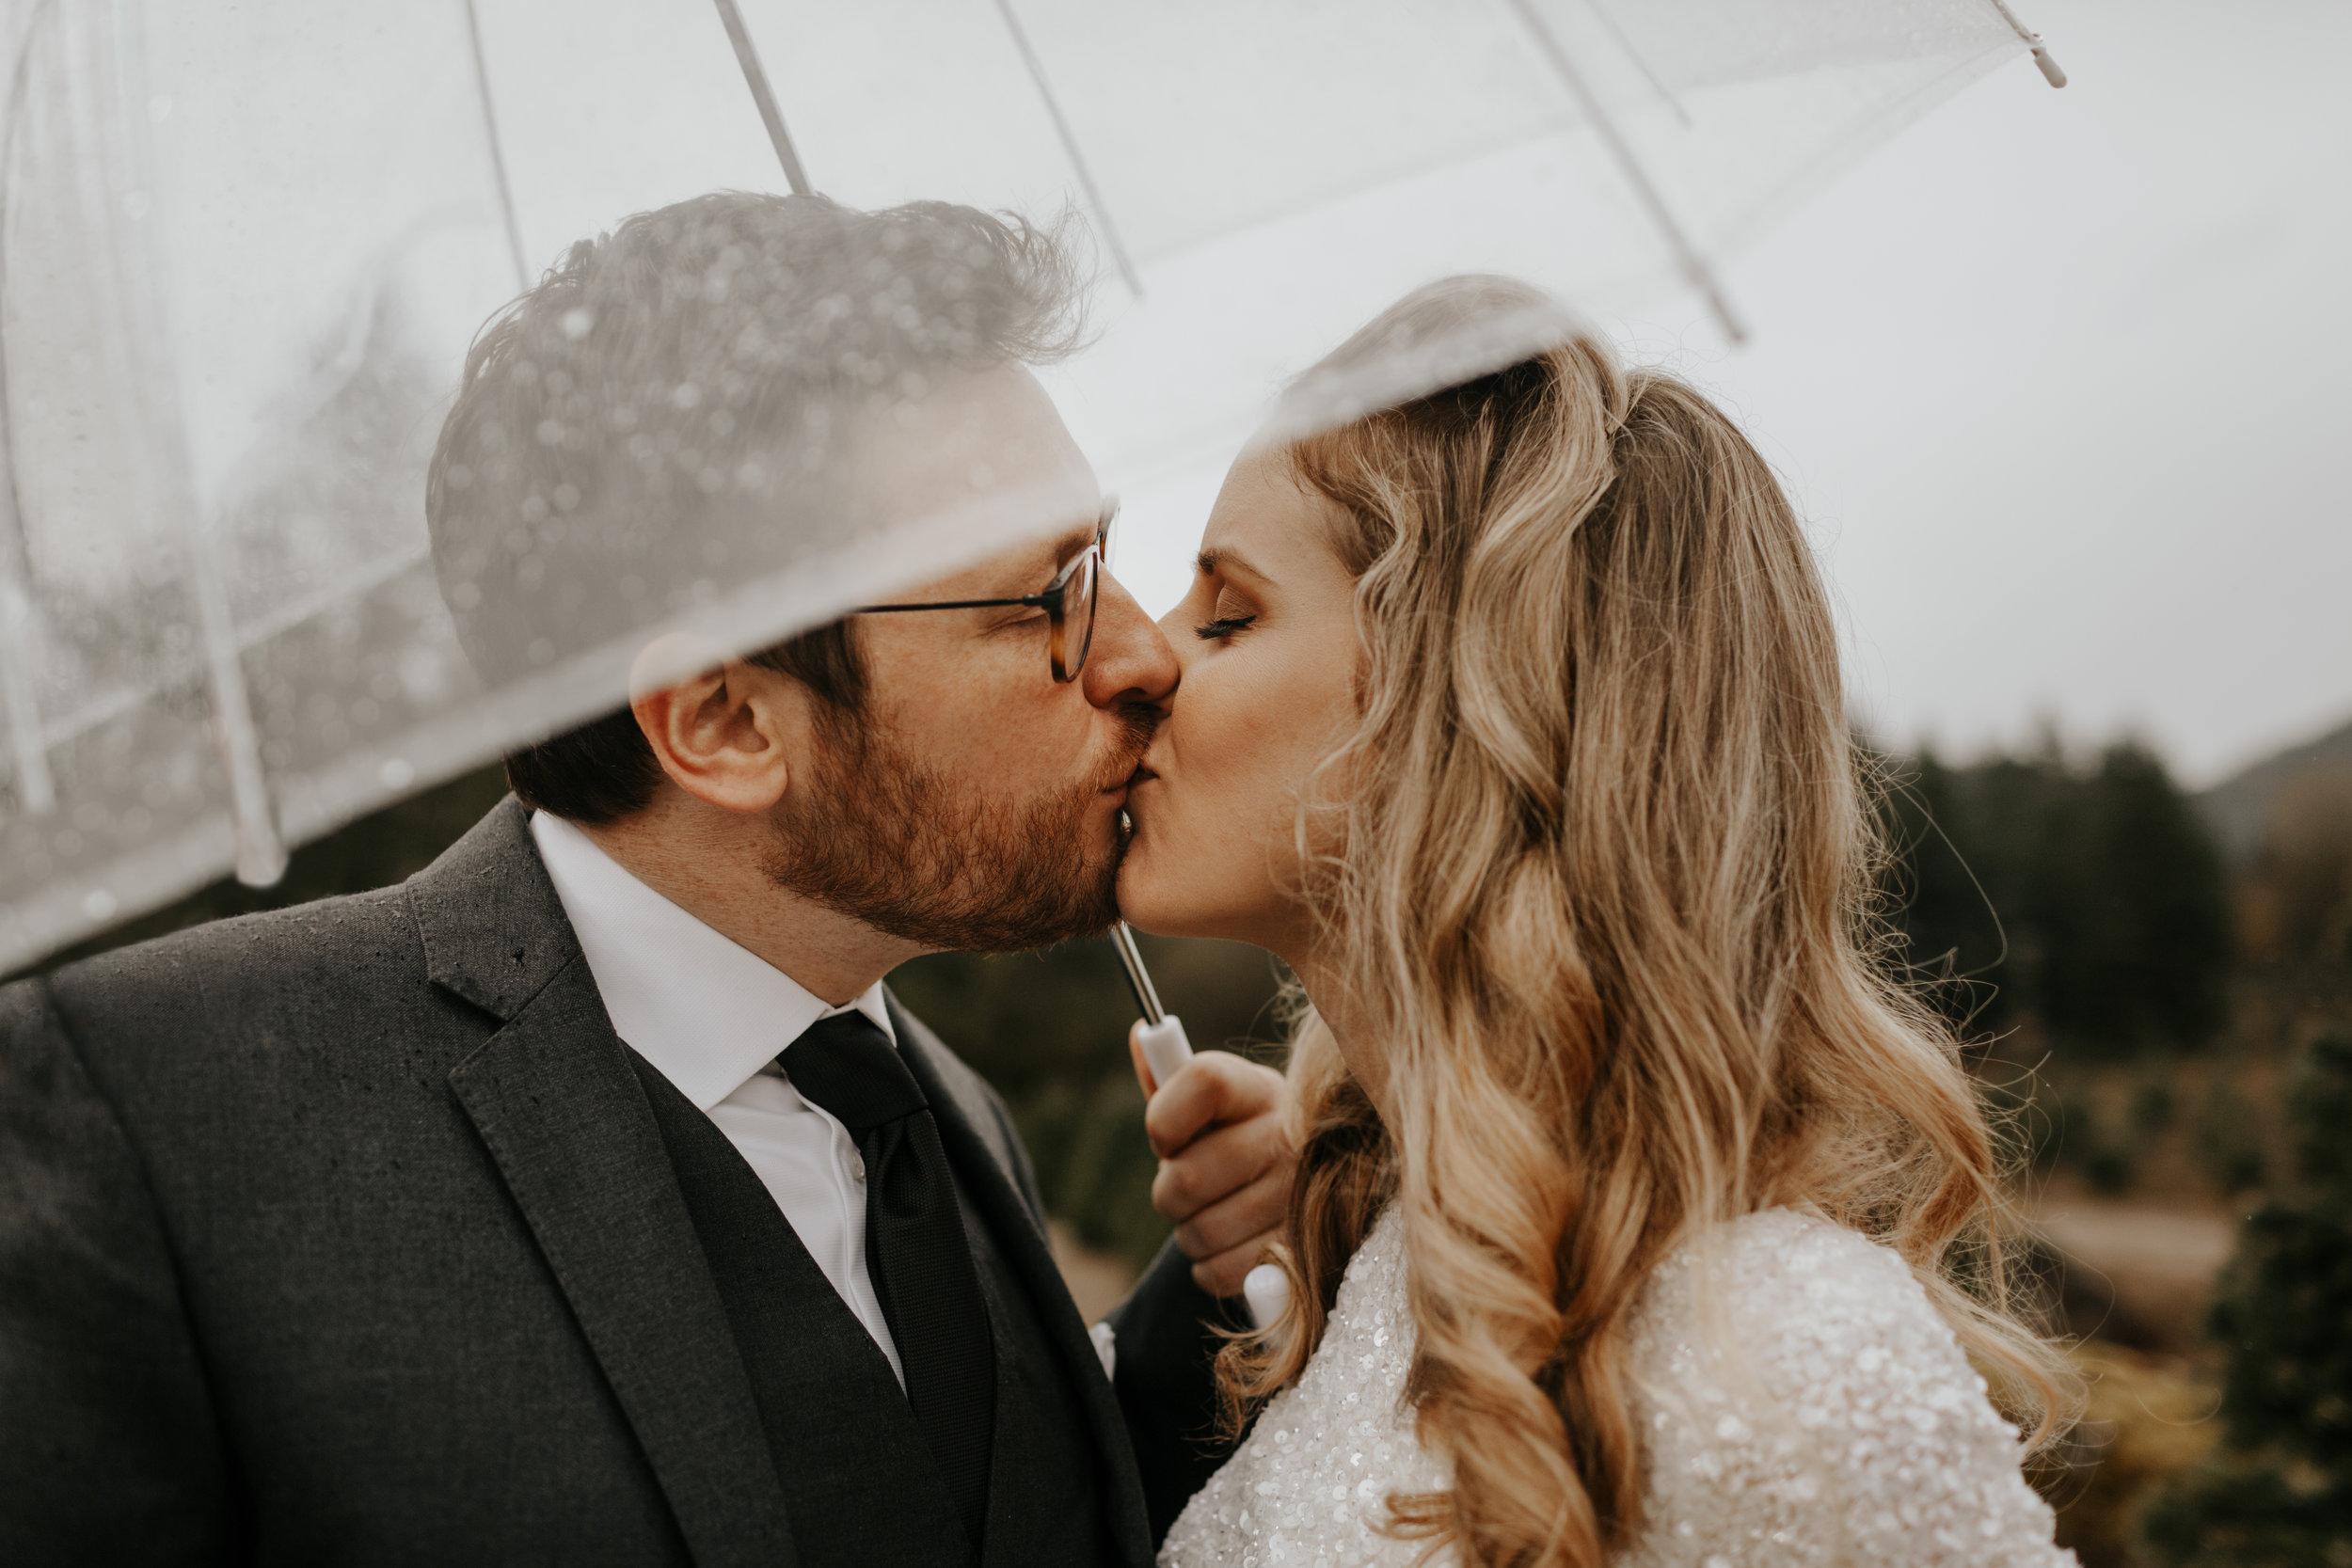 ginapaulson-courtnyandryan-wedding-284.jpg